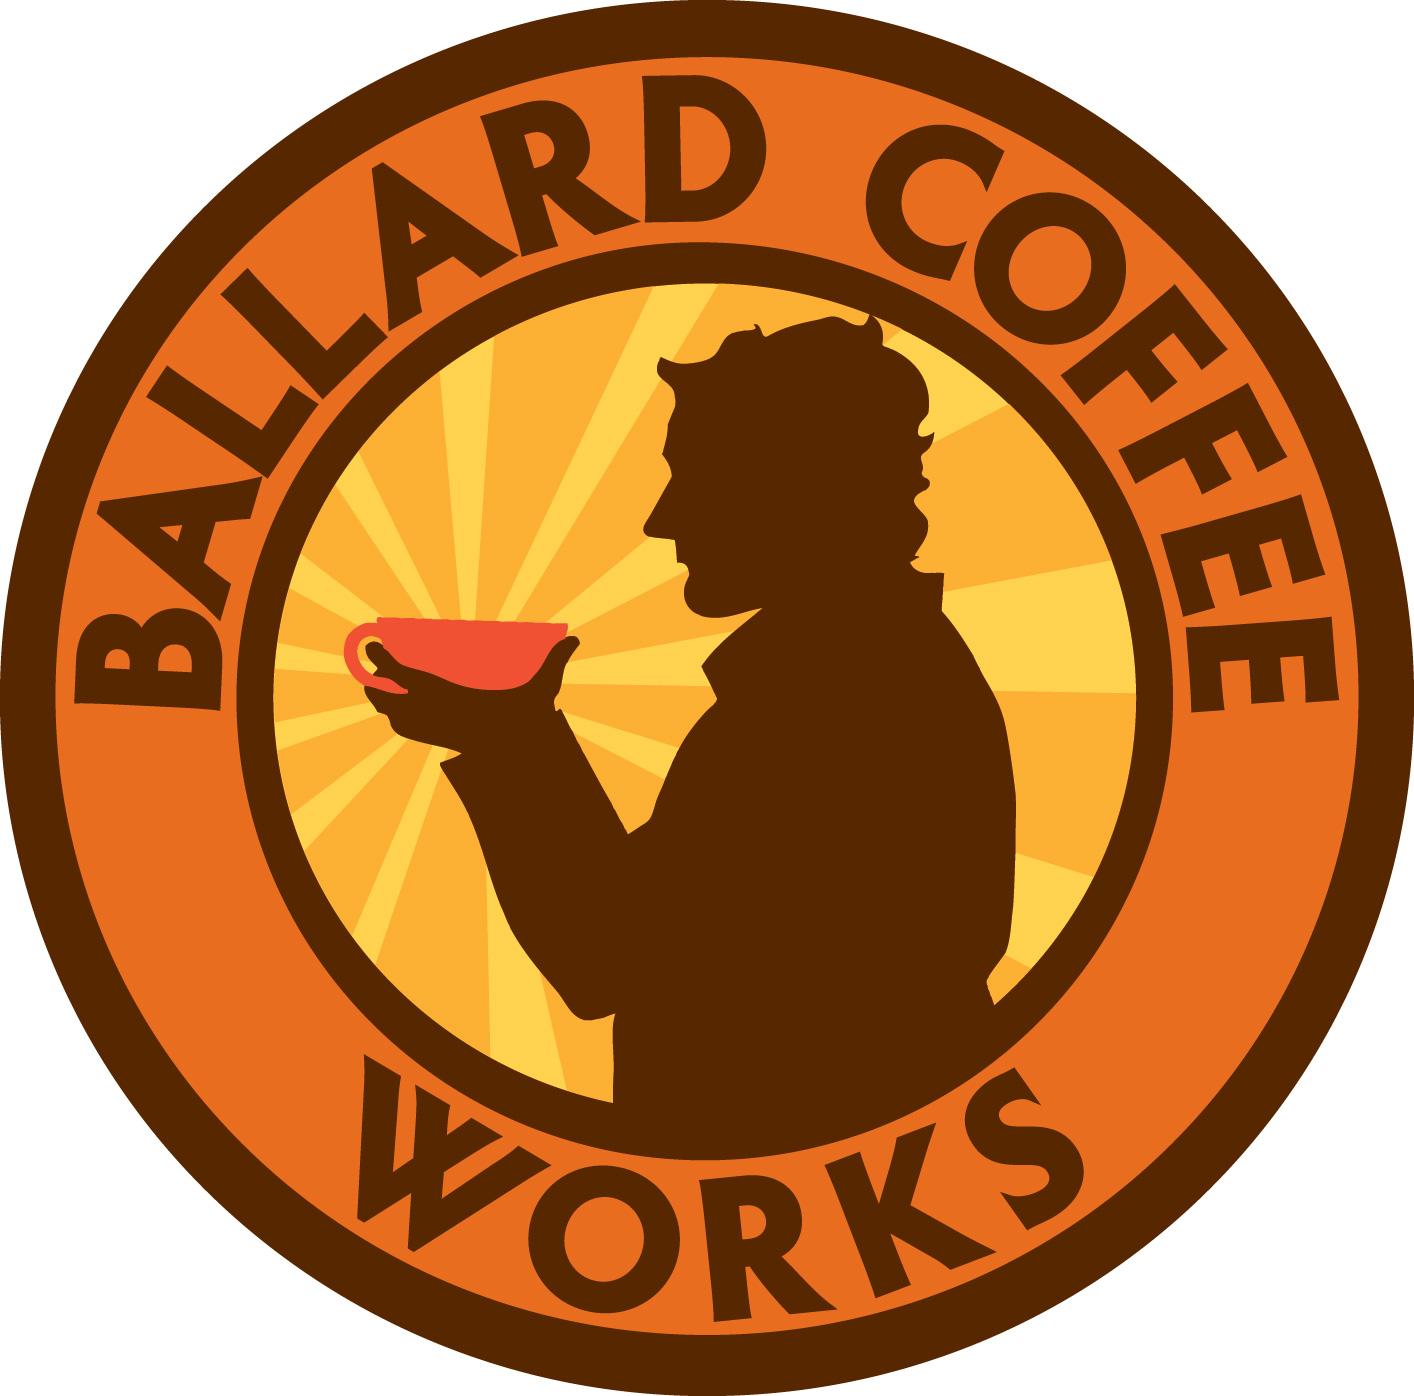 Bcw logo